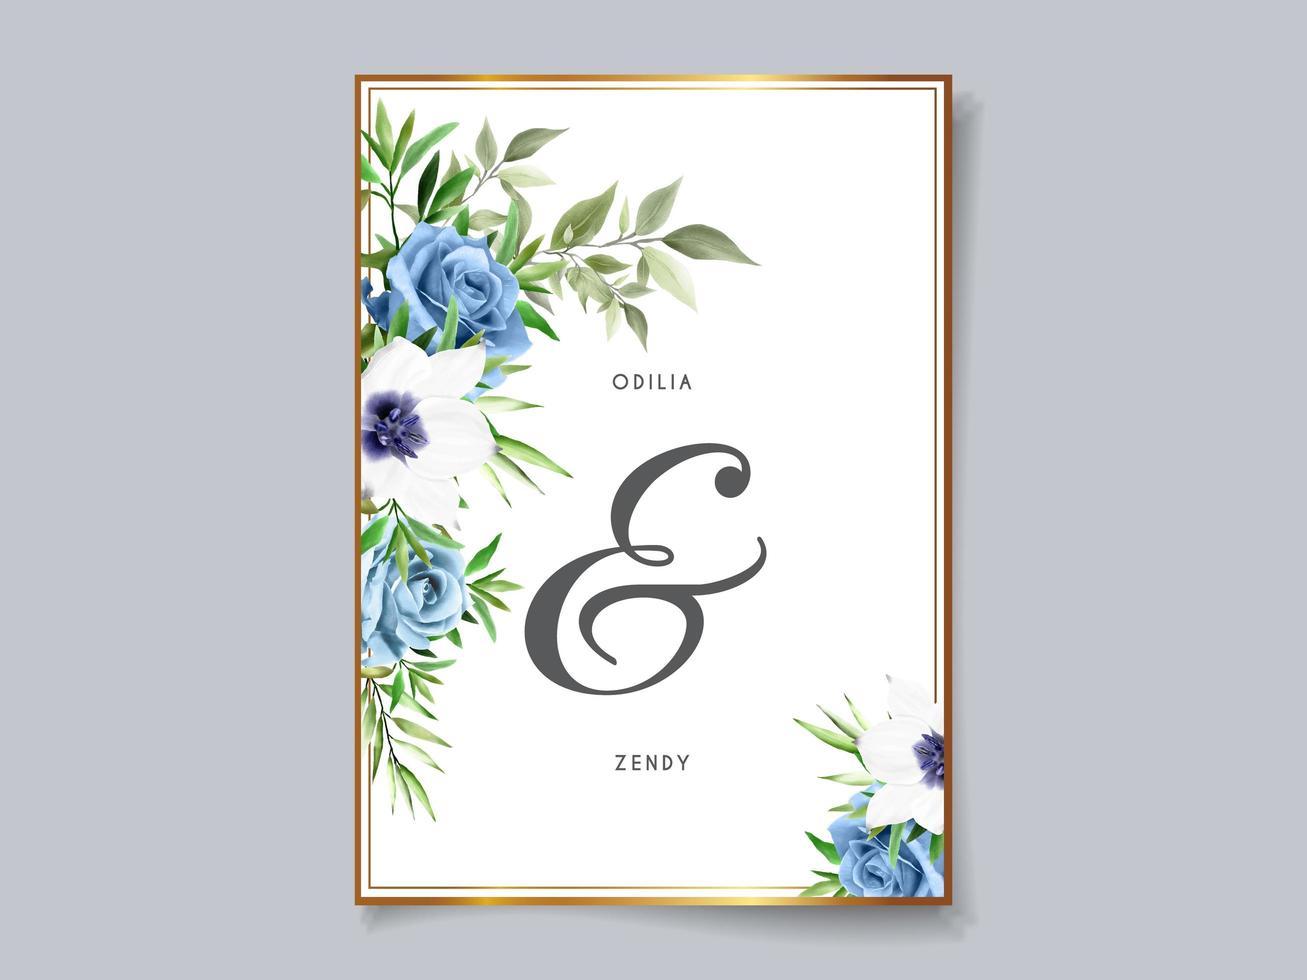 schöne Blumenhochzeitseinladungskartenschablone vektor